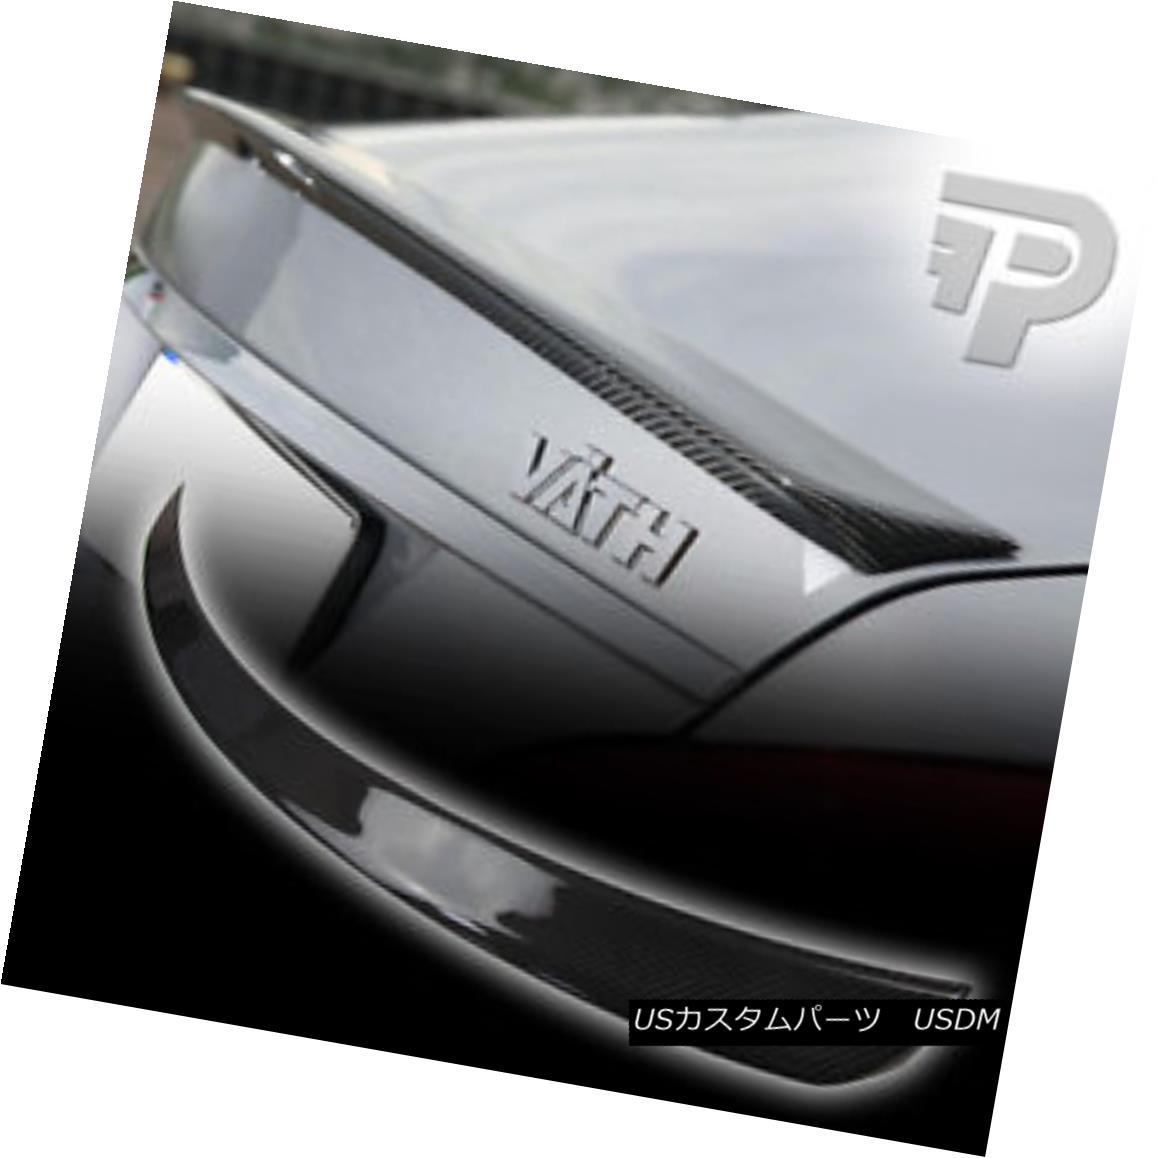 エアロパーツ CARBON FIBER Mercedes BENZ W218 SEDAN A TYPE TRUNK SPOILER 11-16 ▼ 炭素繊維メルセデスベンツW218セダン型トランクスポイラー11-16?